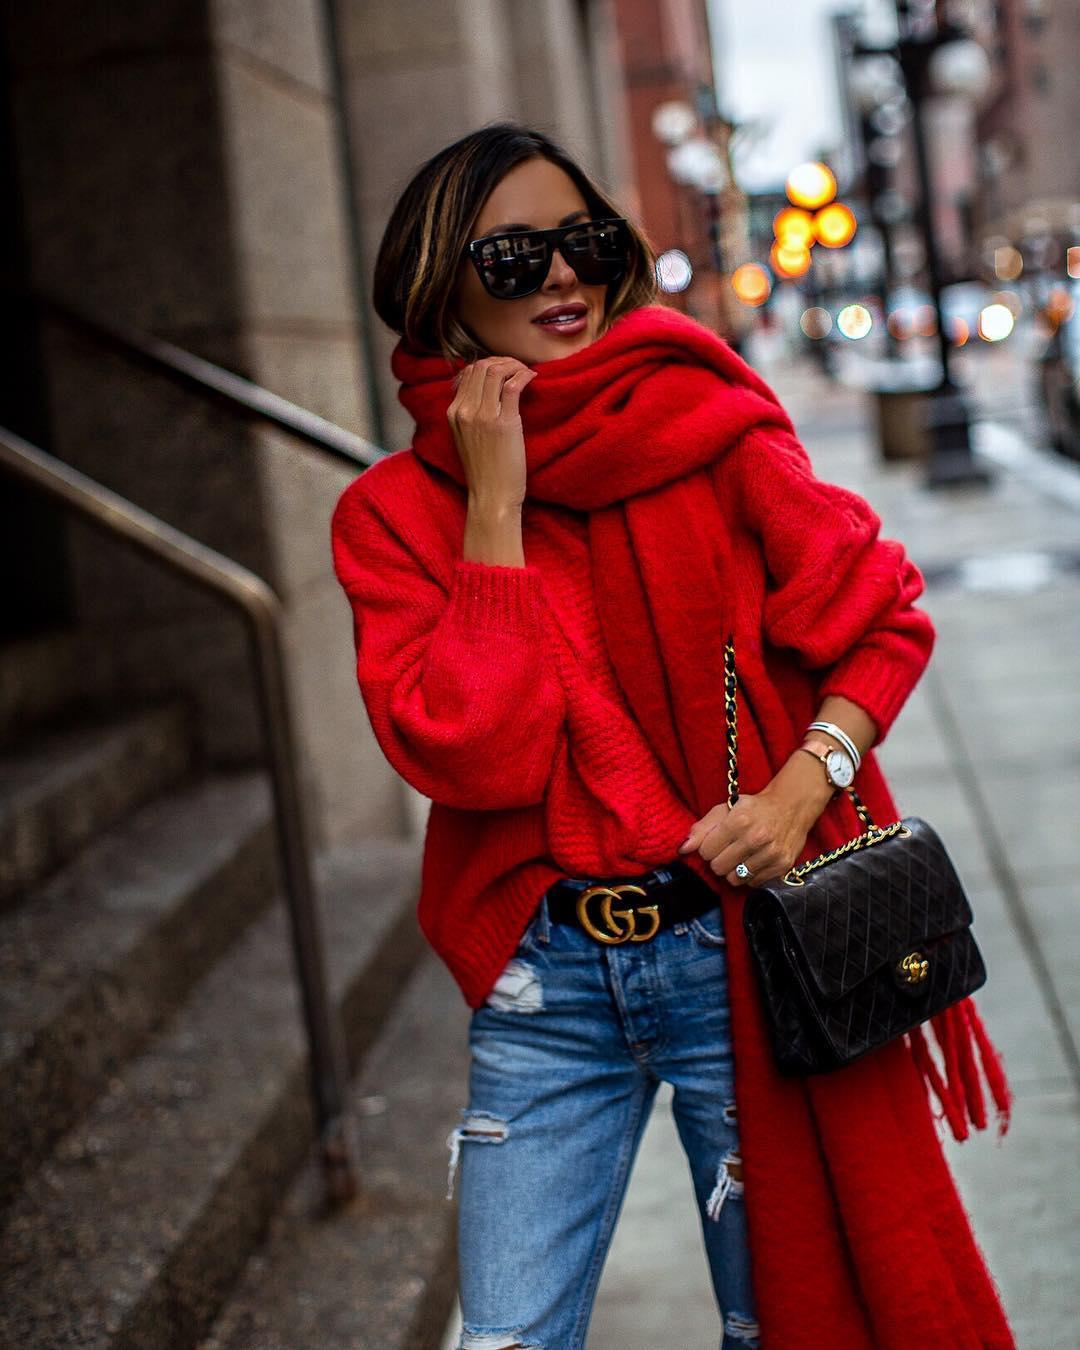 Красный джемпер зима 2019 фото 9